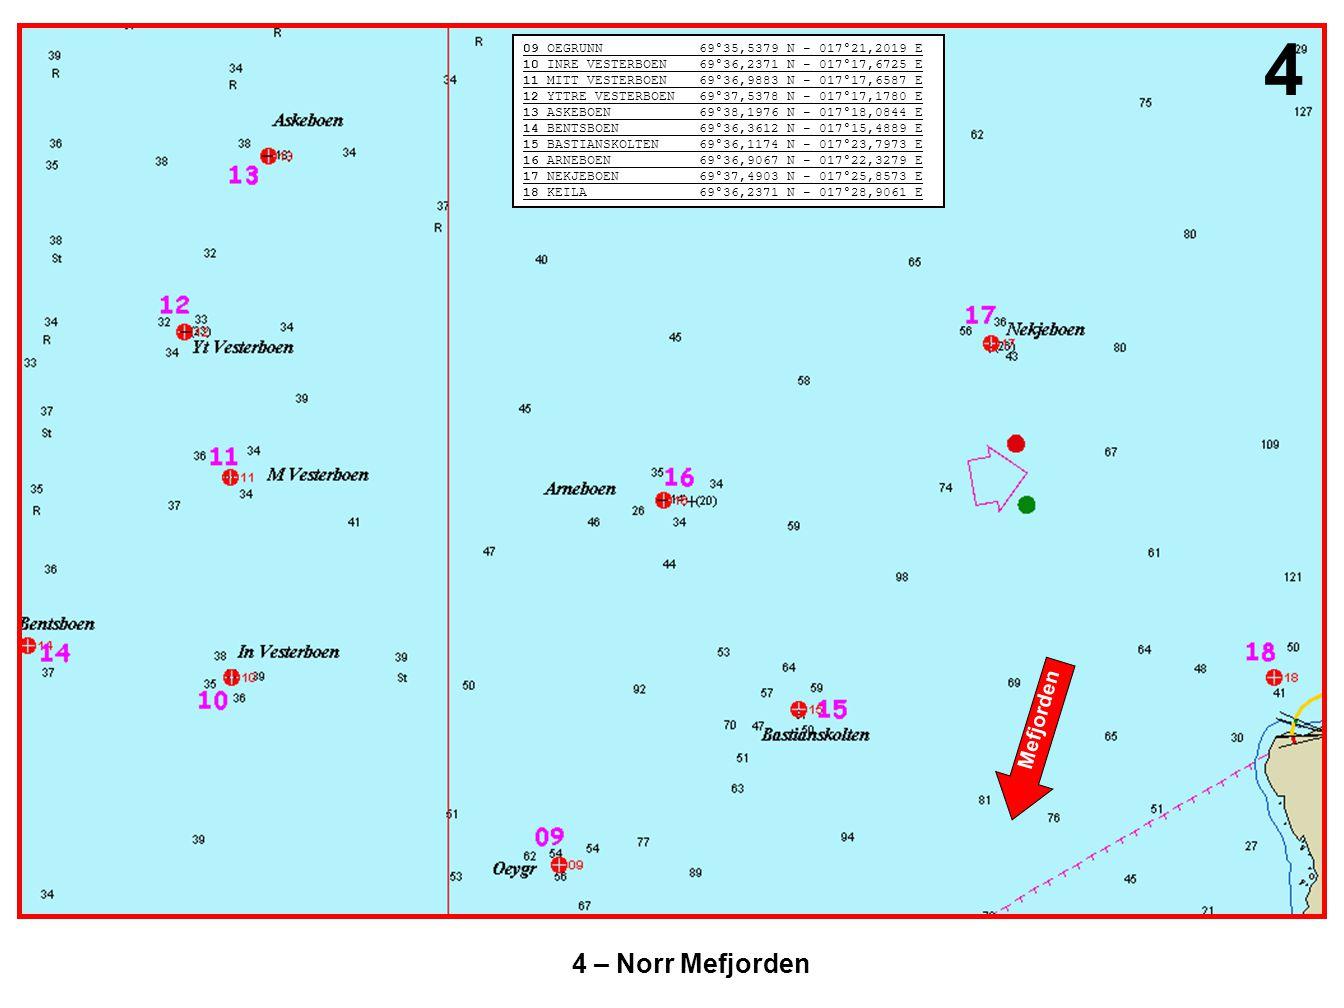 4 – Norr Mefjorden 4 09 OEGRUNN 69°35,5379 N - 017°21,2019 E 10 INRE VESTERBOEN 69°36,2371 N - 017°17,6725 E 11 MITT VESTERBOEN 69°36,9883 N - 017°17,